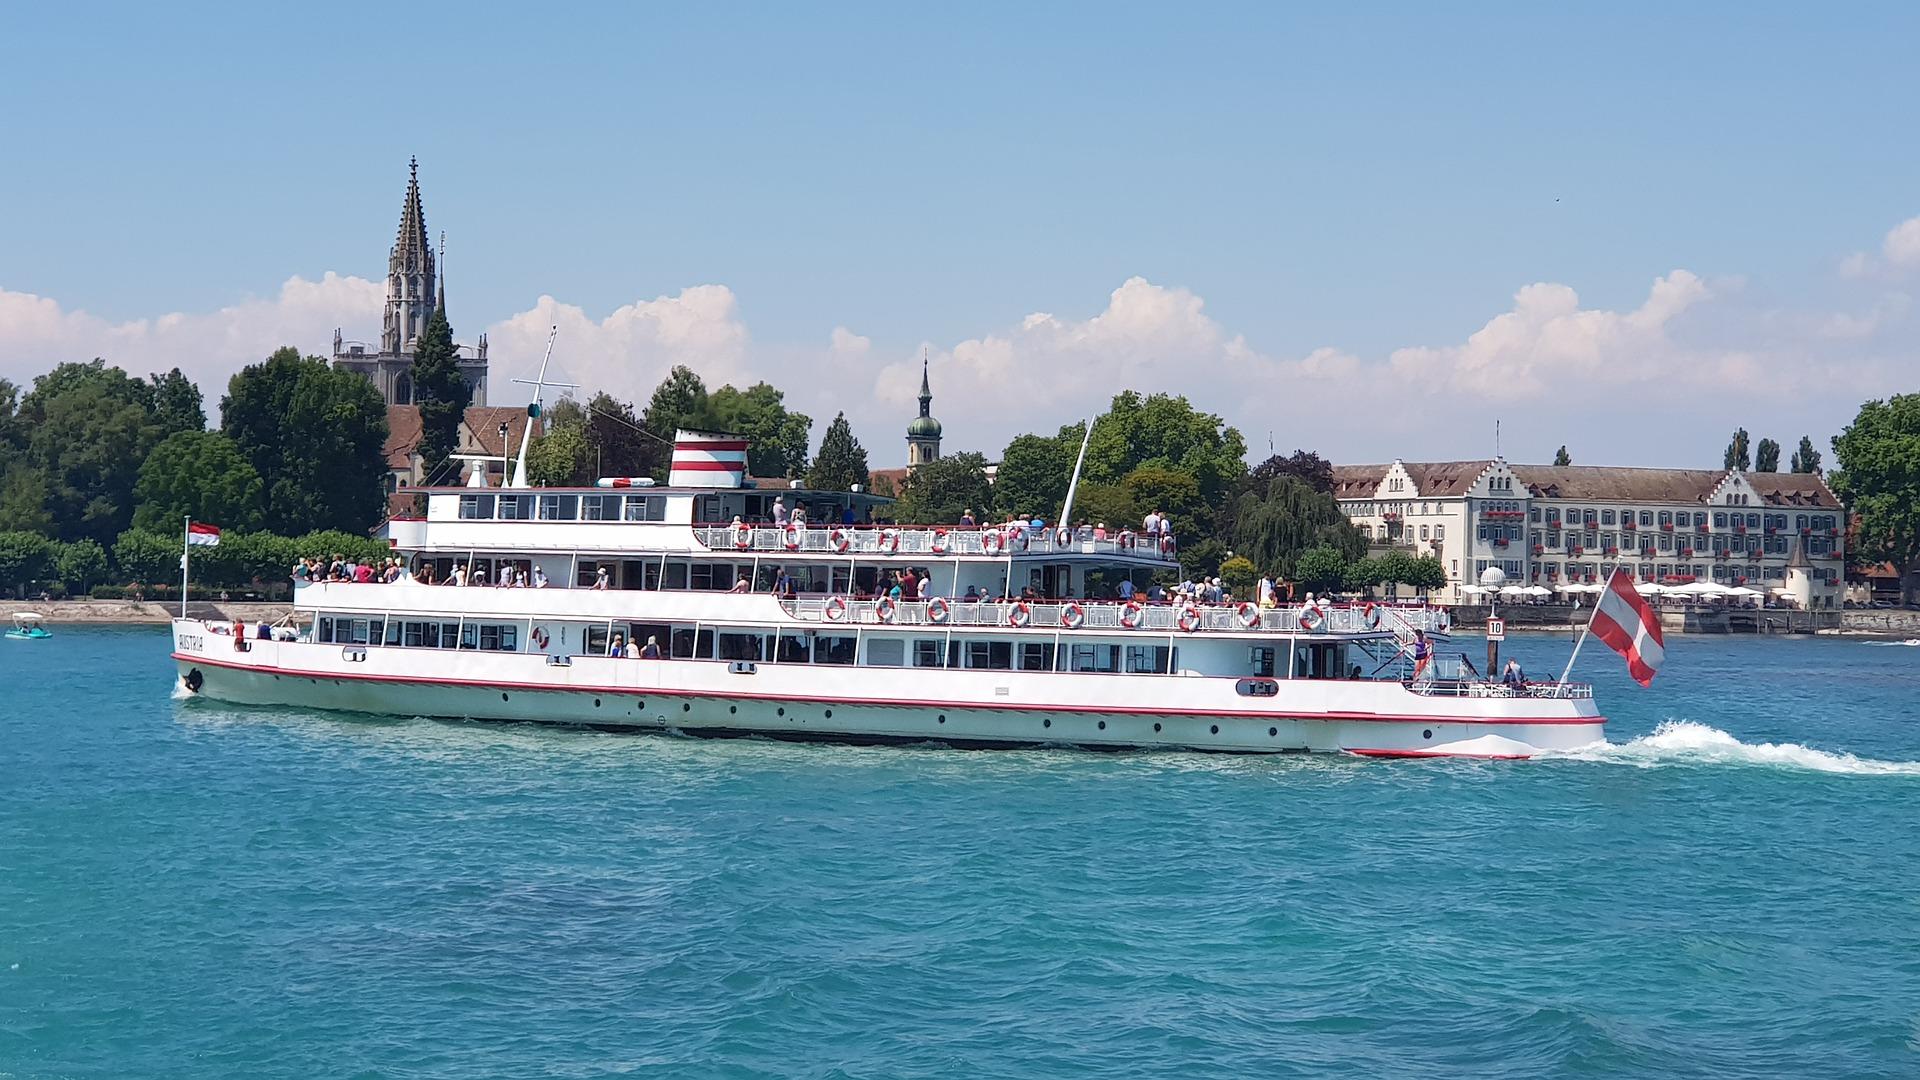 Die Stadt am Bodensee bietet zahlreiche Möglichkeiten den Urlaub zu gestalten